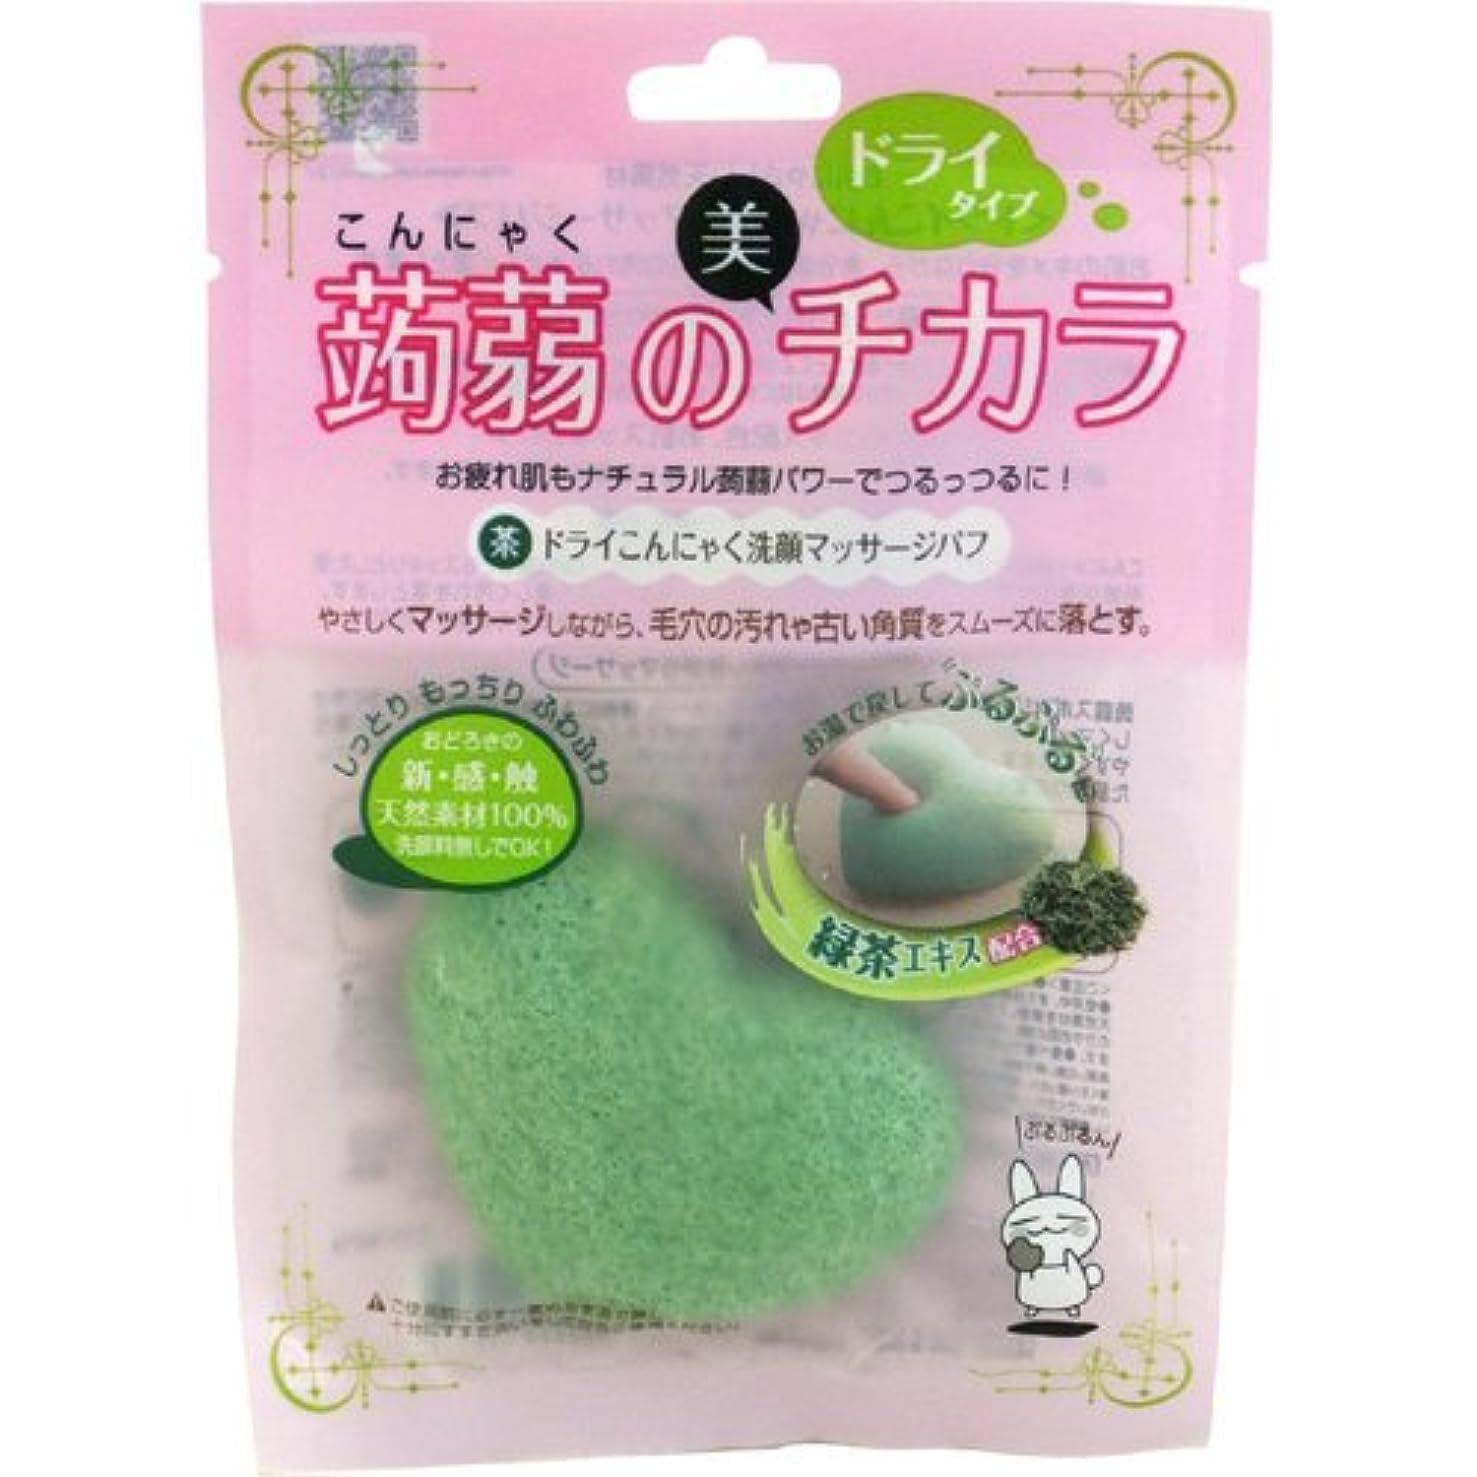 パッドマオリ同様のドライ蒟蒻センガンマッサージパフ 緑茶